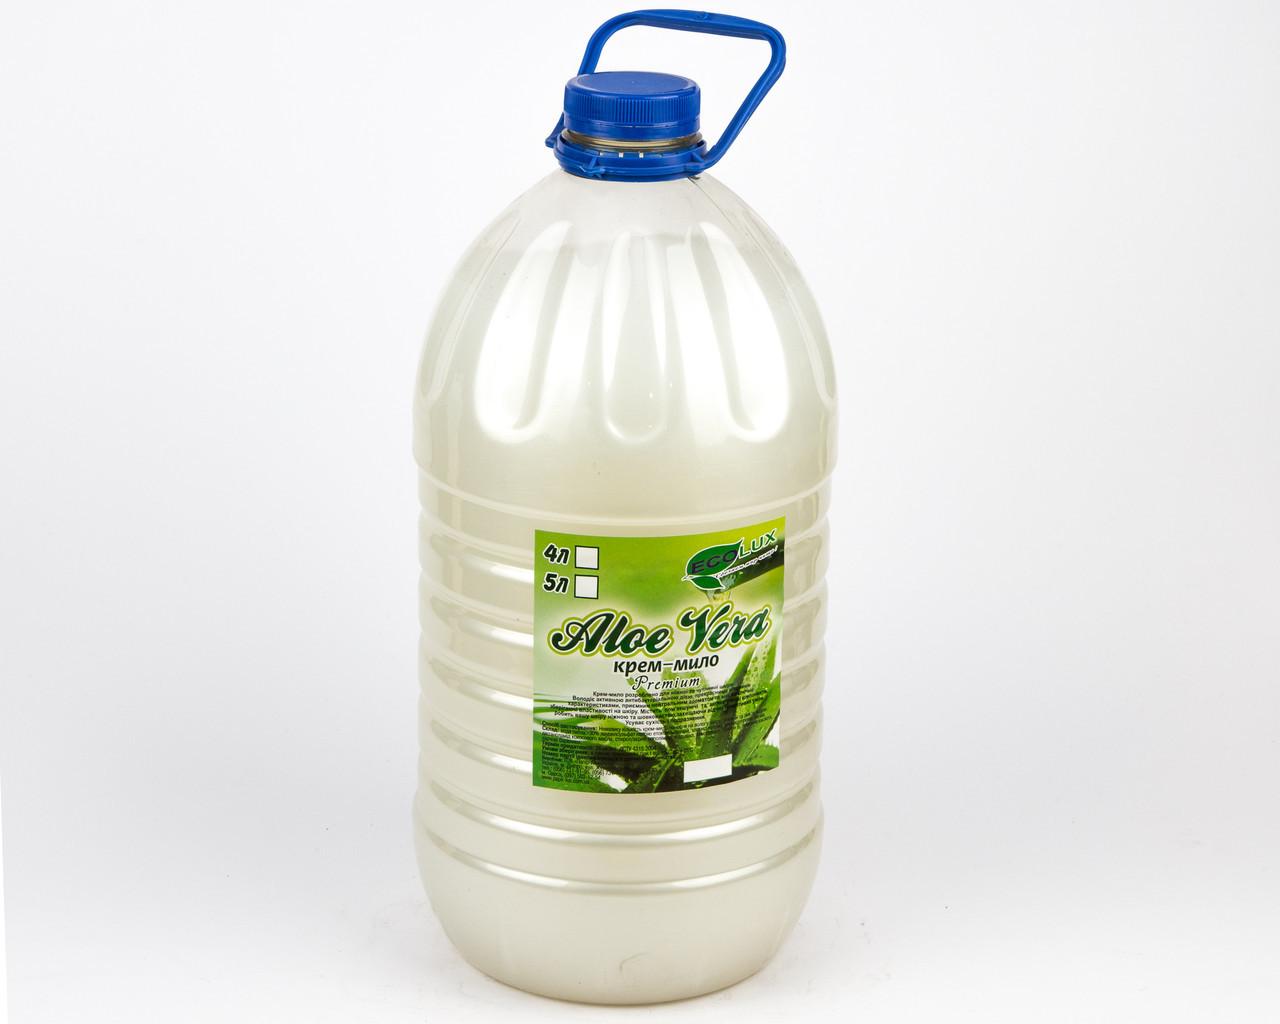 Жидкое крем-мыло Алоэ вера, 5л, PRO3